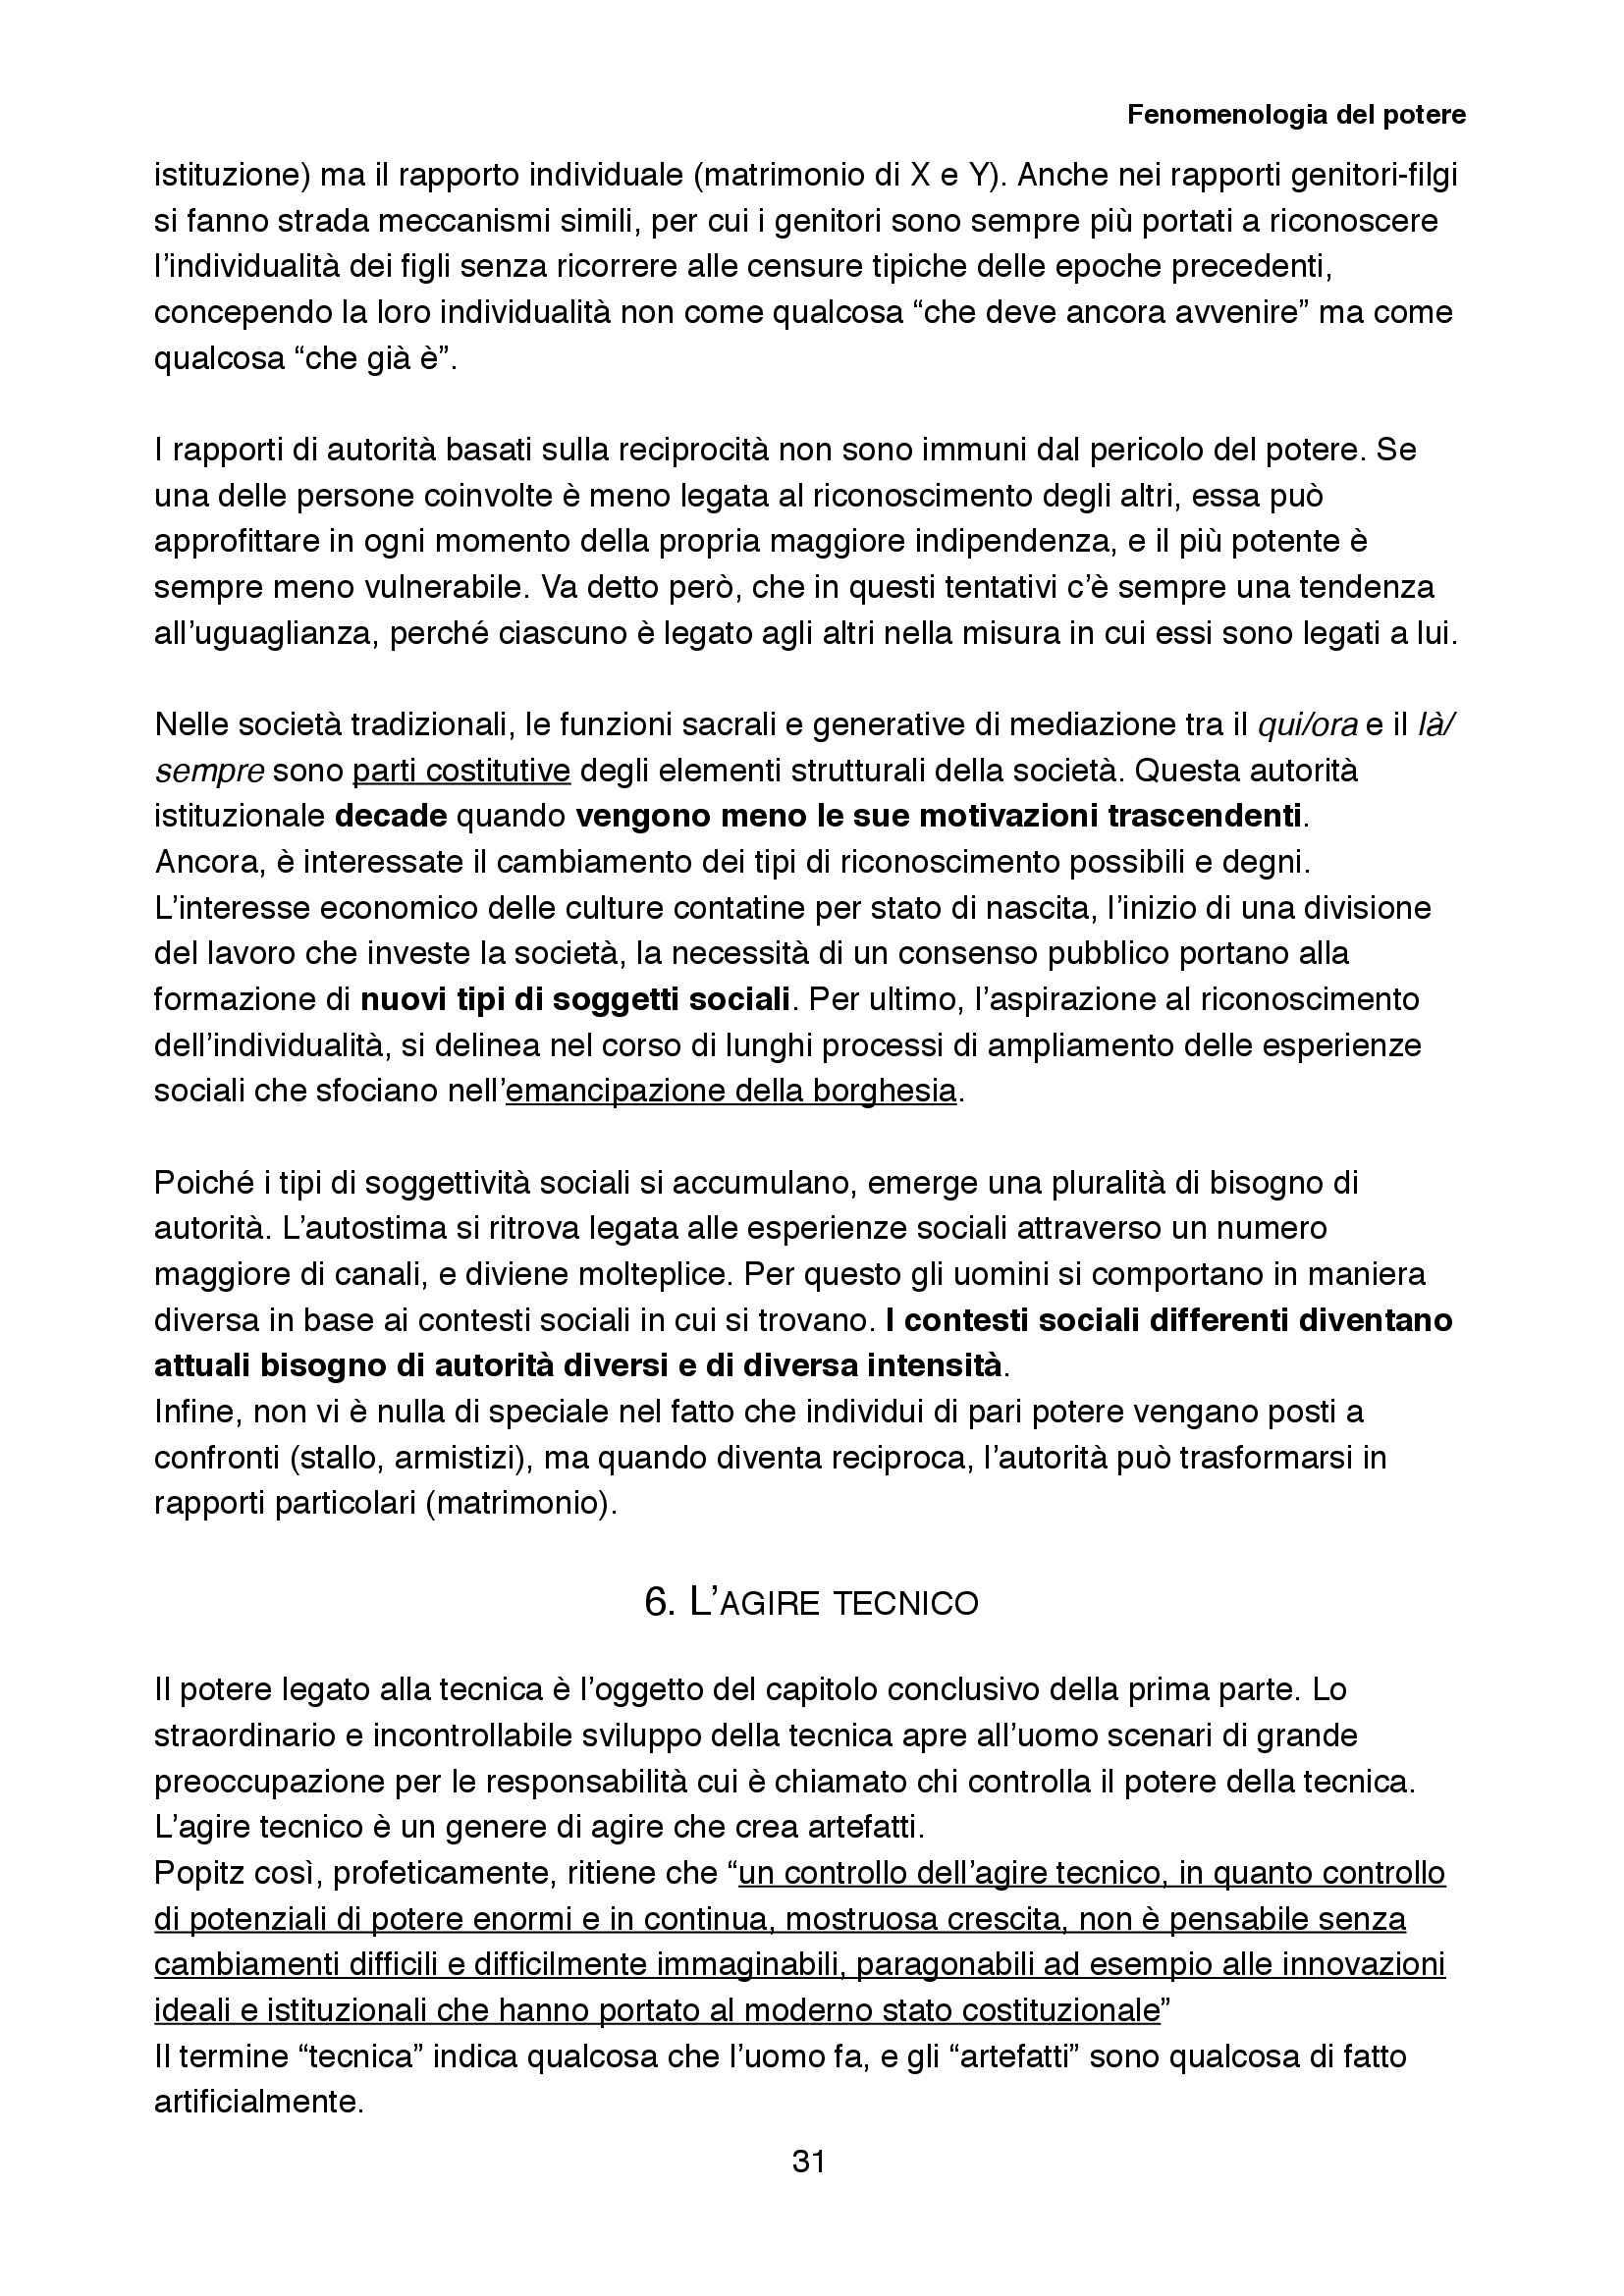 Riassunto esame Sociologia della cultura, prof. Biuso, libro consigliato Fenomenologia del potere, Popitz Pag. 31